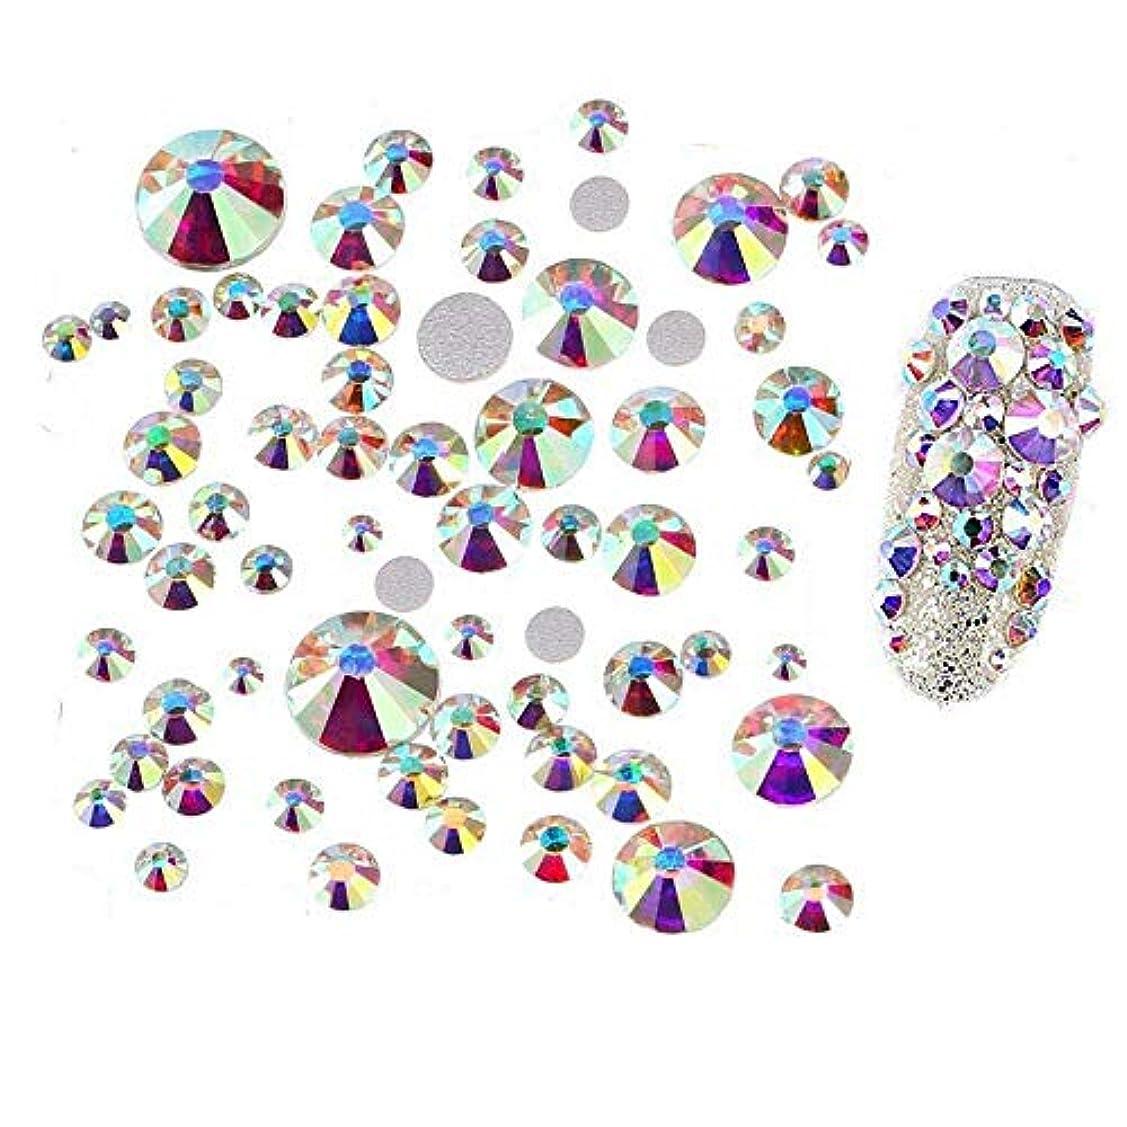 落胆する眠りモルヒネ高品質 ガラスストーン オーロラ クリスタル,ラインストーン ネイル デコ ガラスストーン クリスタル ジェルネイル ネイルパーツ (約200粒)